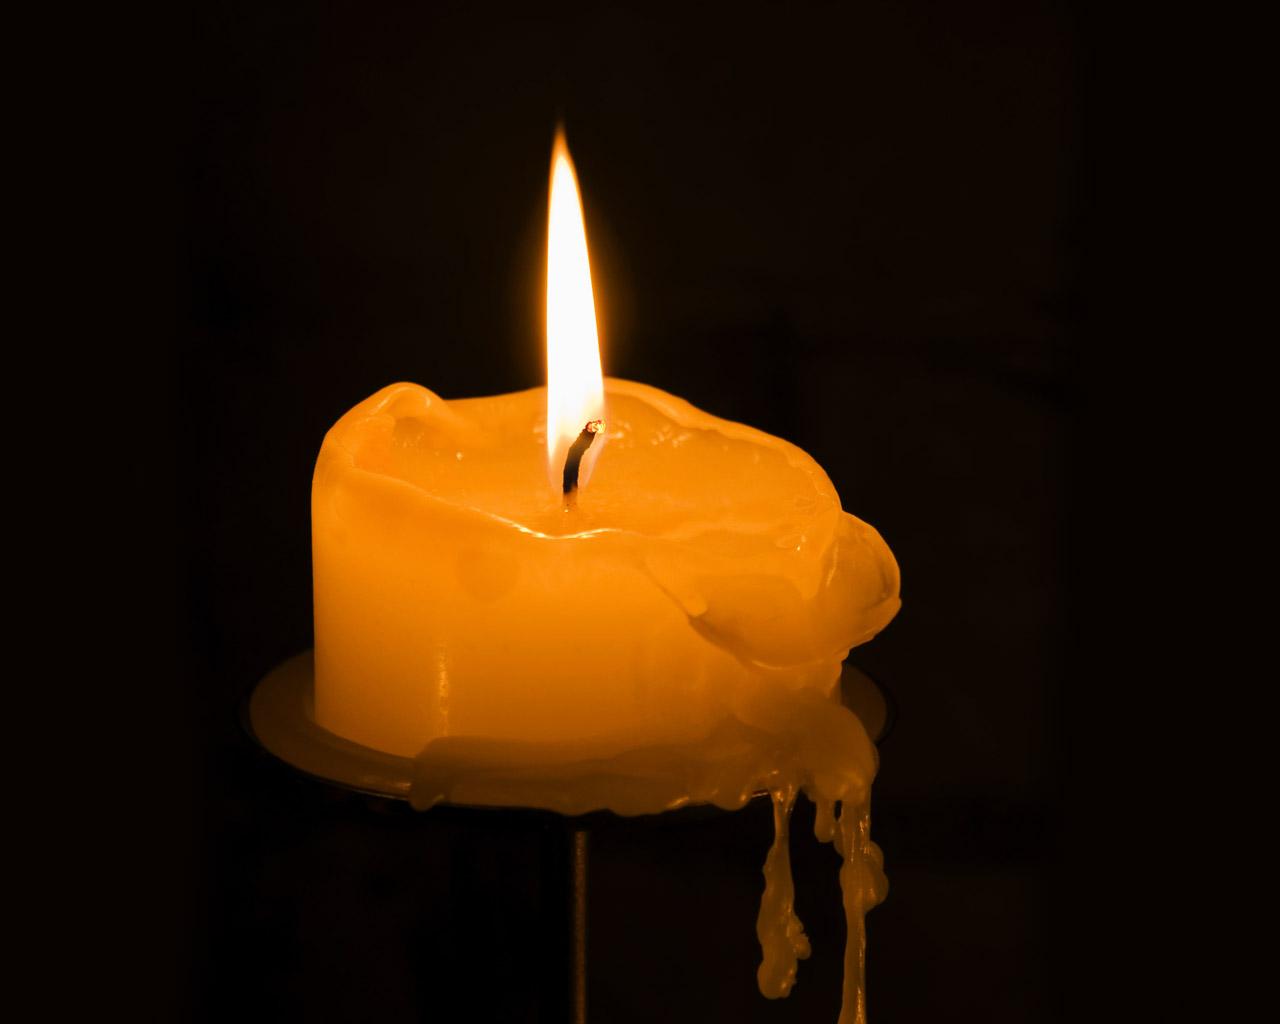 Πως να βγάλετε τους λεκέδες από κερί